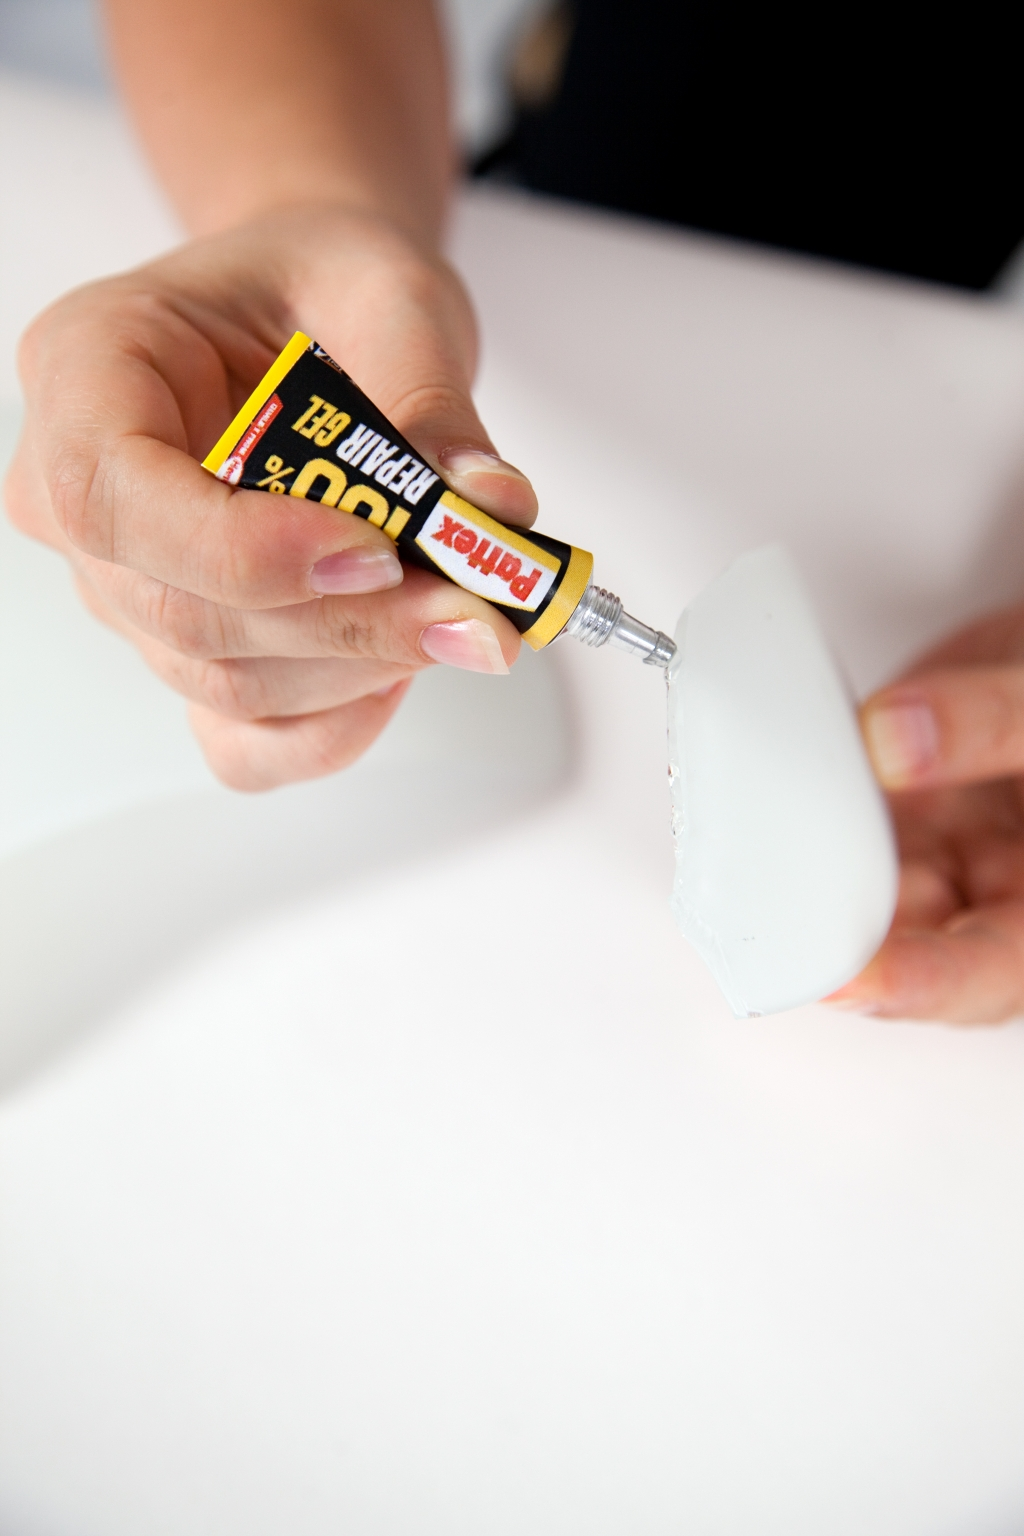 Réparer un éclairage d'extérieur - Étape 4